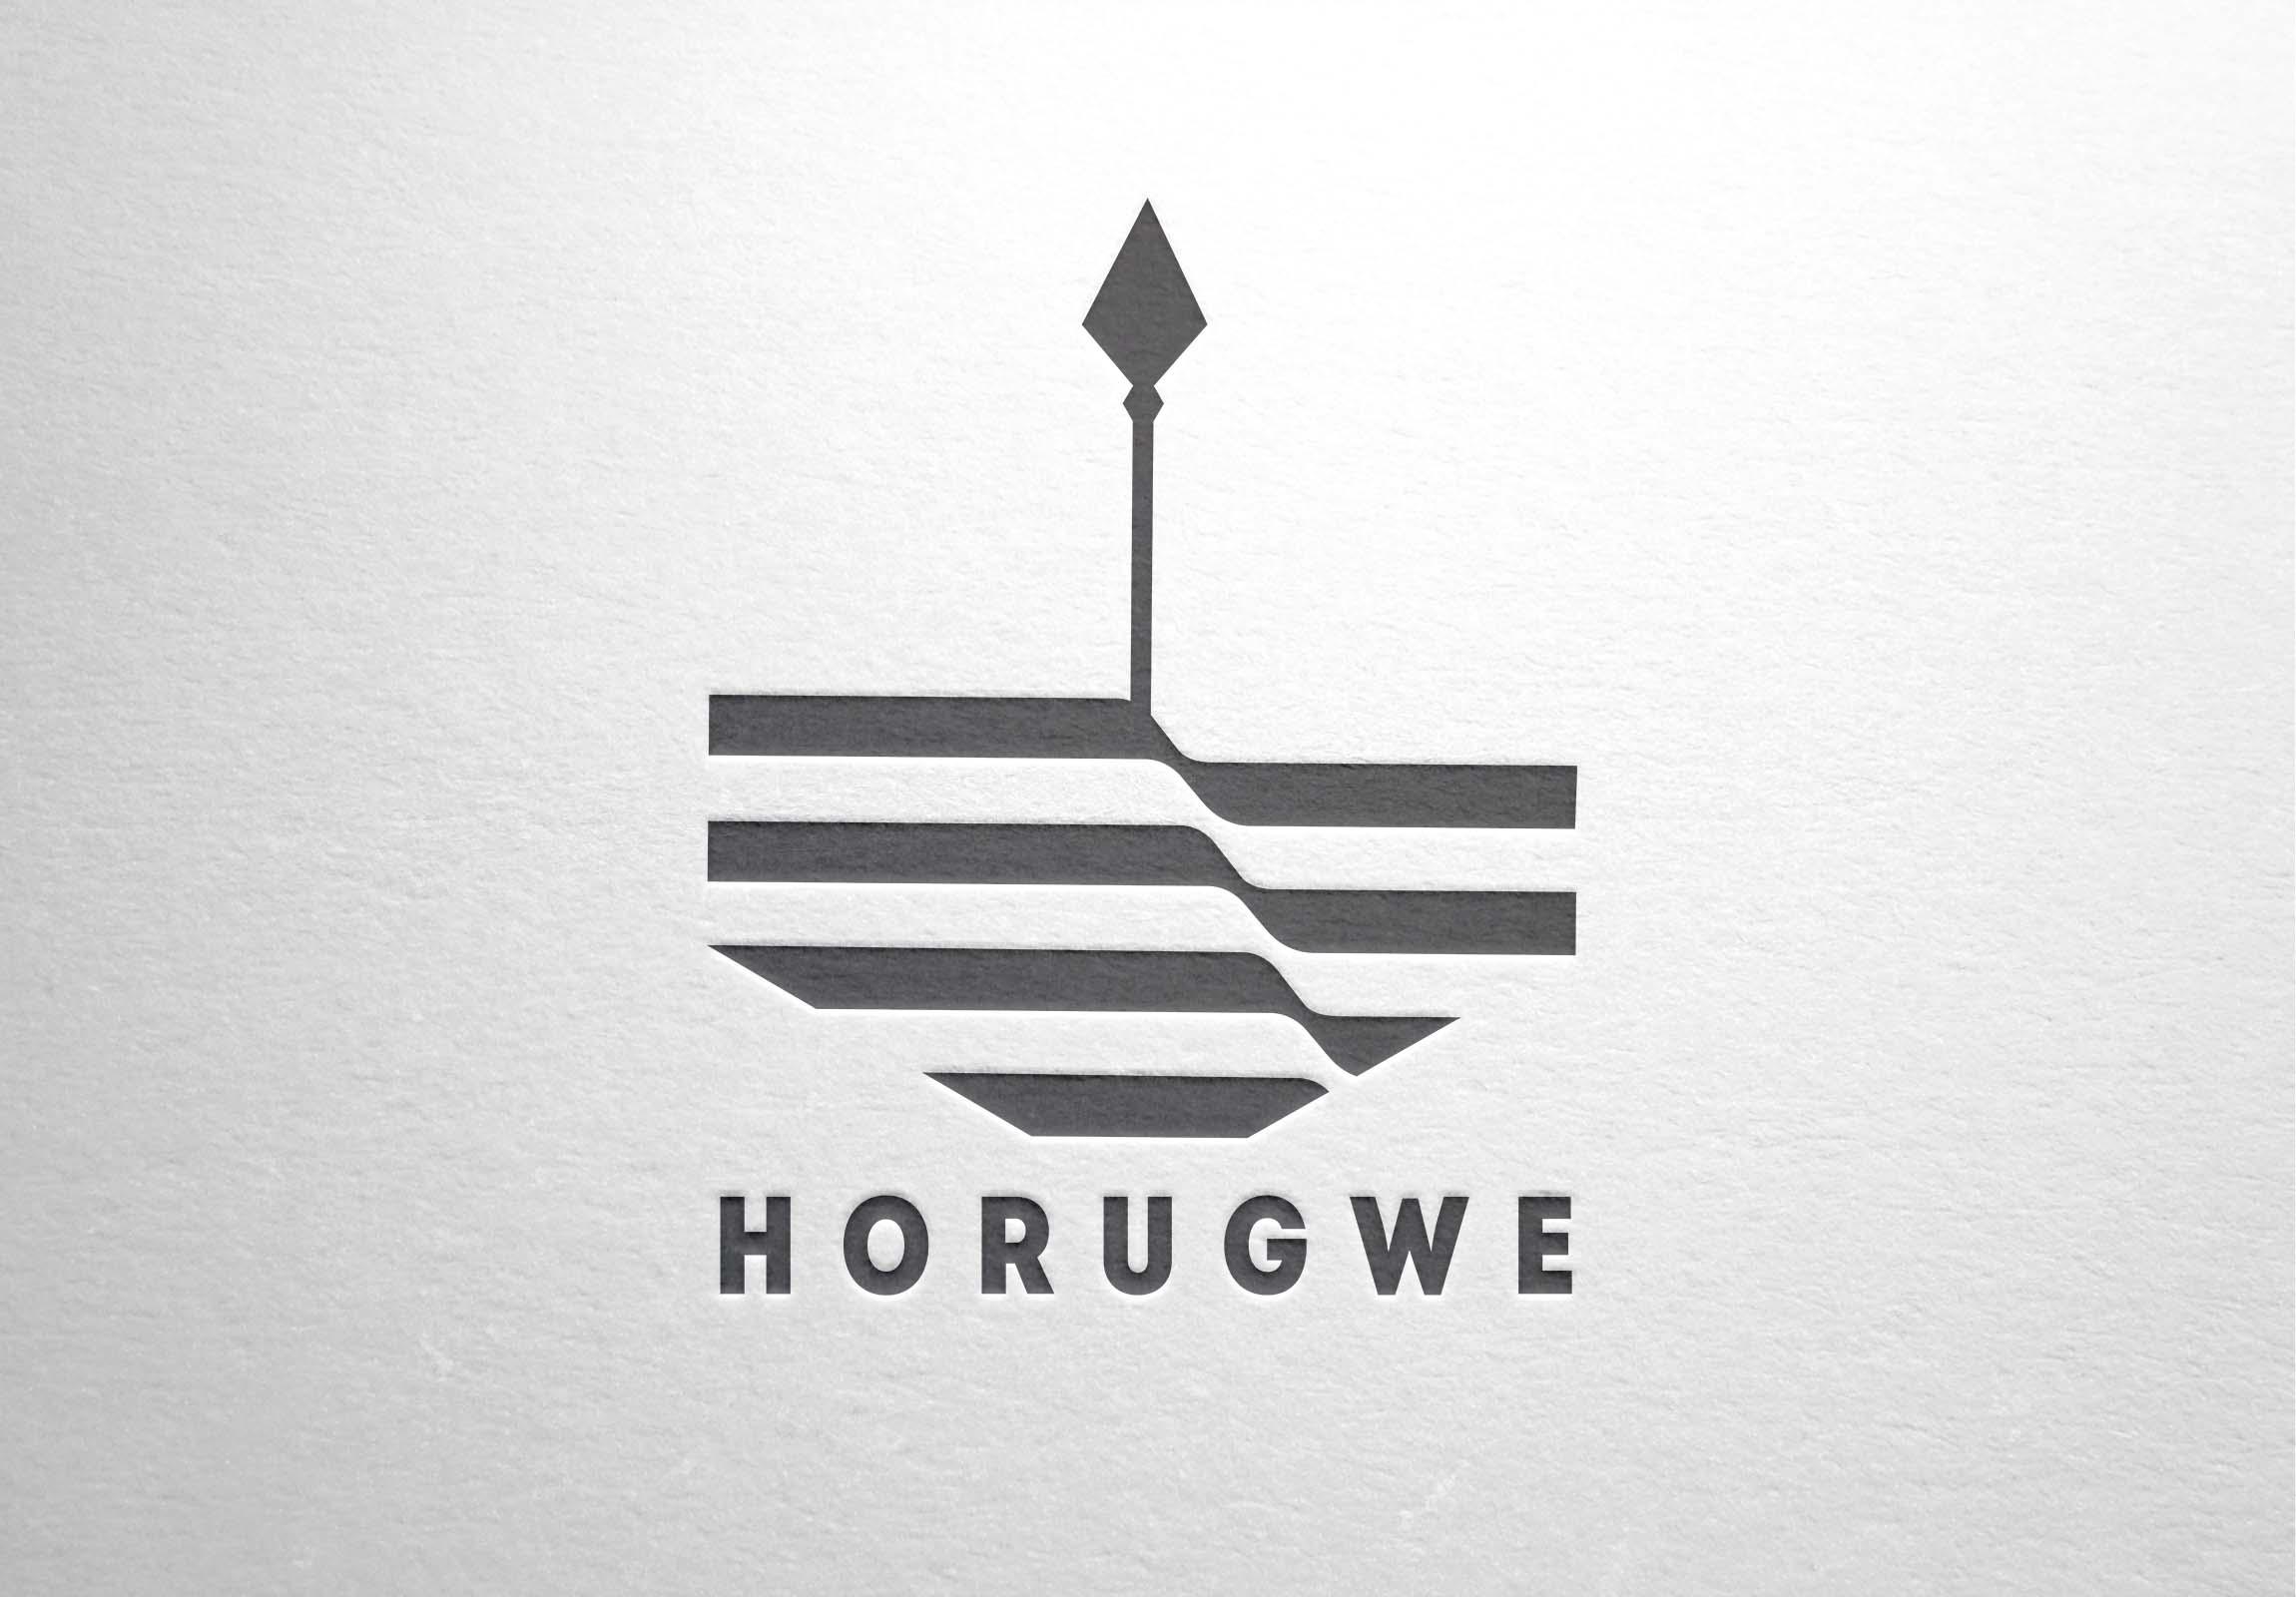 Разработка названия бренда + логотип фото f_77558ff29f539e58.jpg